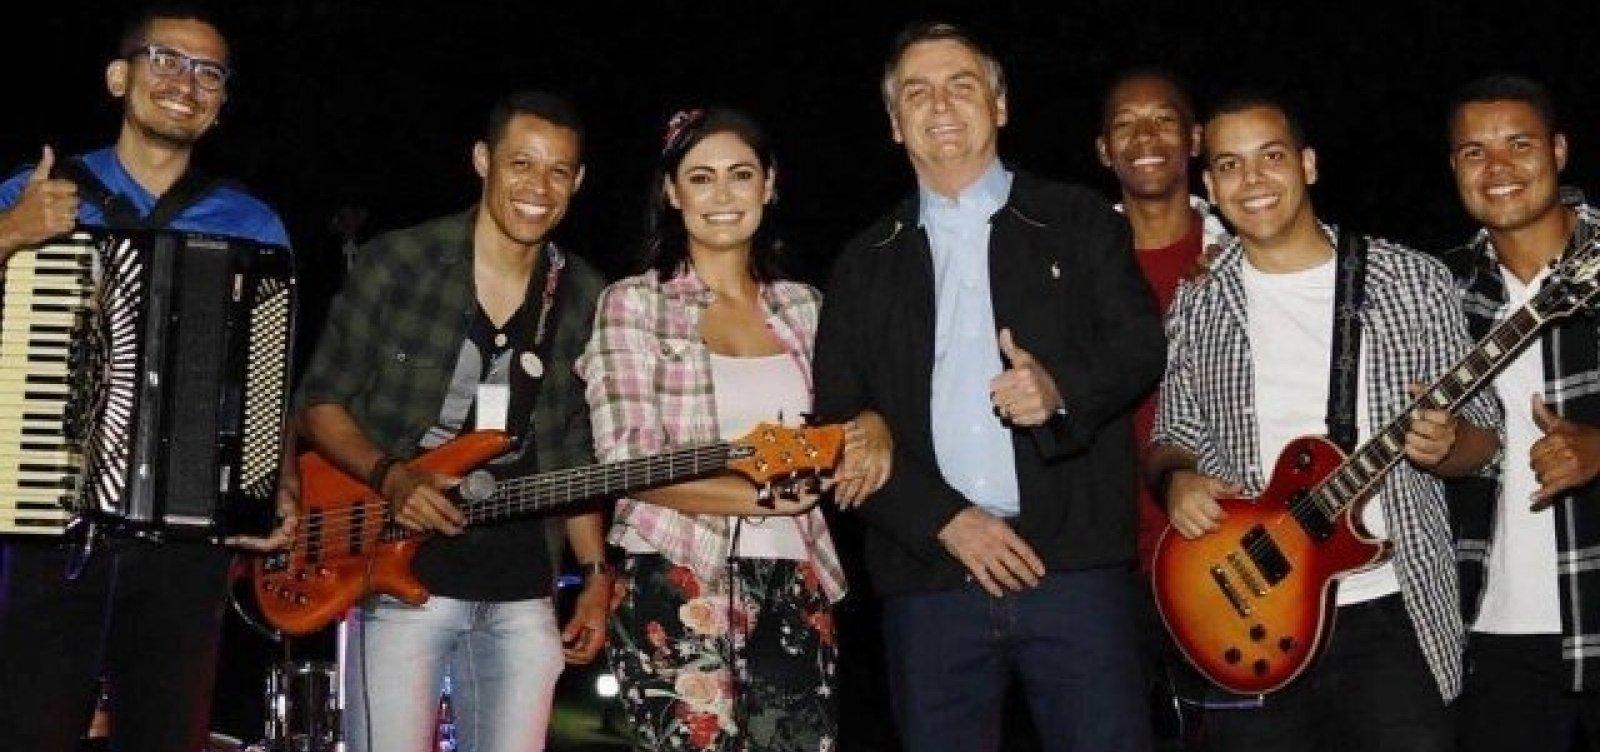 [Em meados de julho, Bolsonaro e primeira-dama promovem arraiá no Palácio da Alvorada]